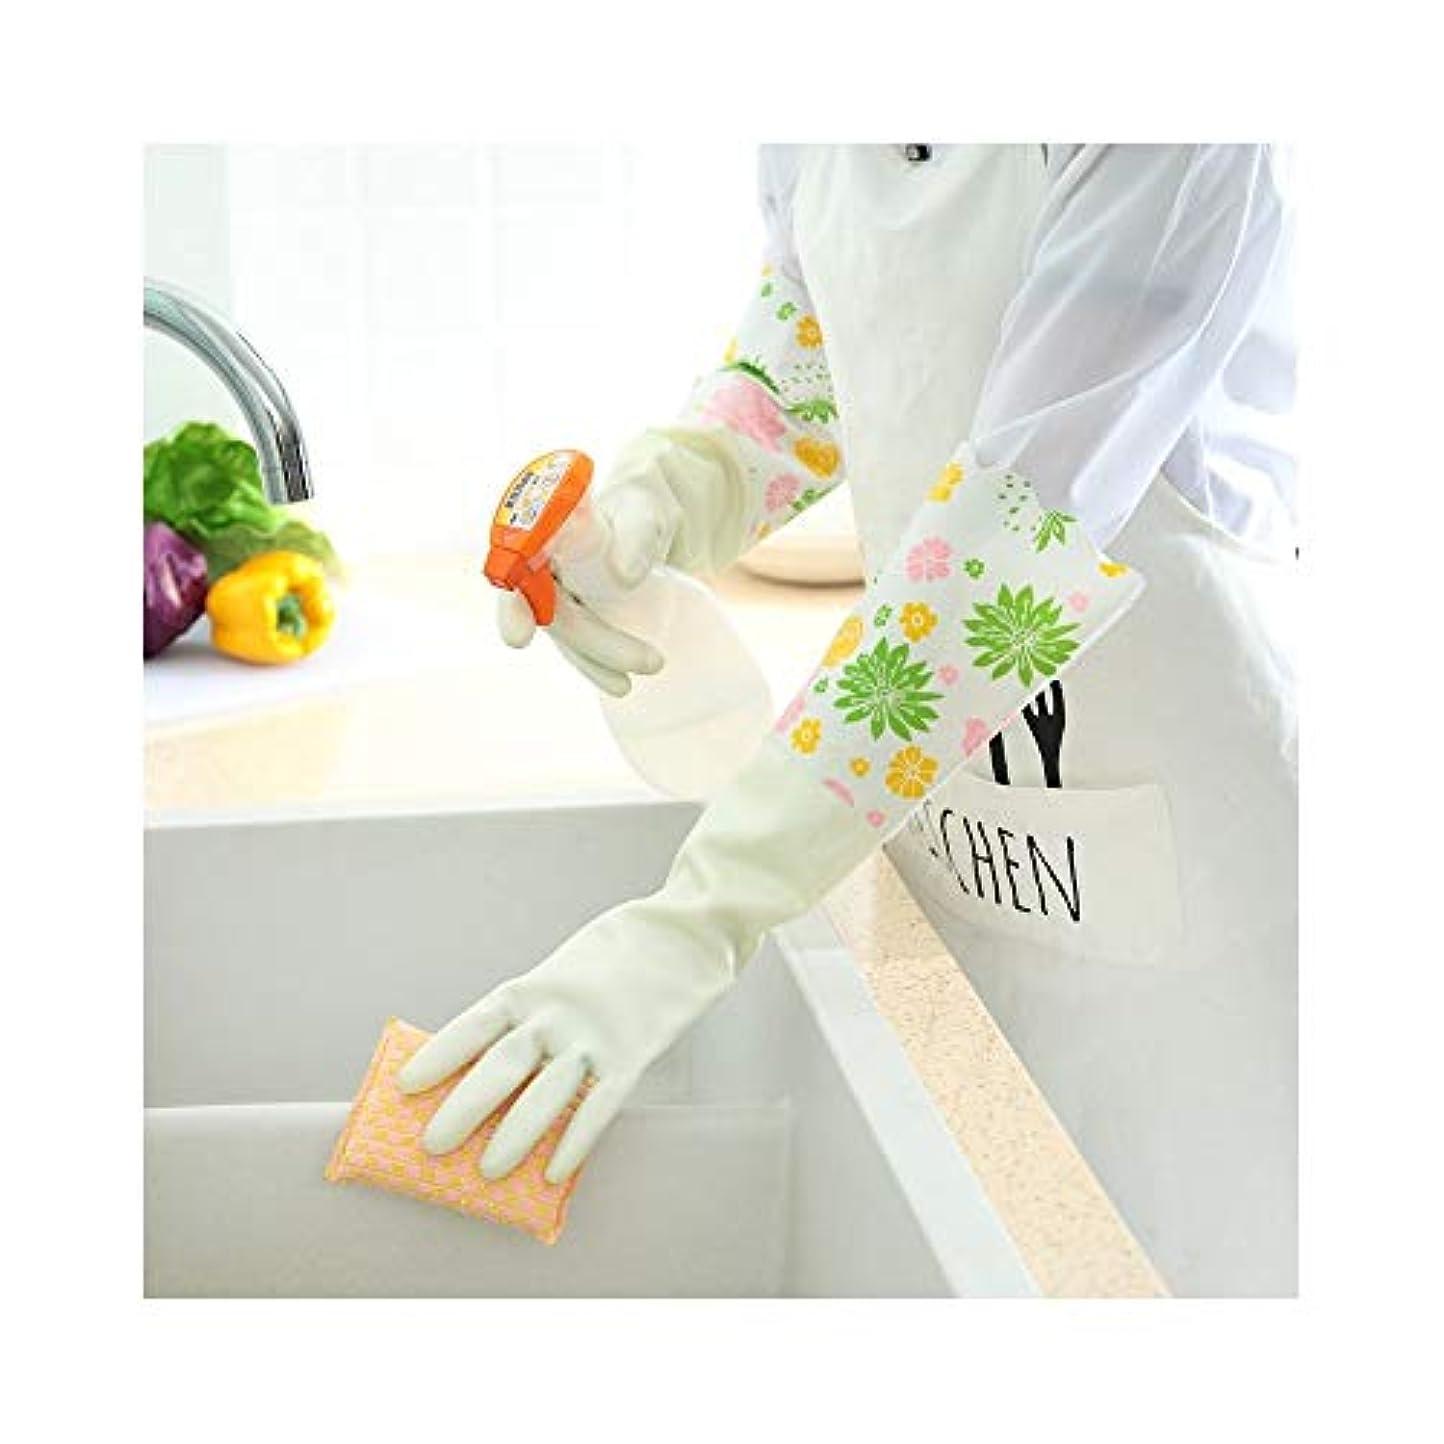 踏みつけレコーダールート使い捨て手袋 キッチン用手袋防水性と耐久性のあるゴム製家事用手袋、1ペア ニトリルゴム手袋 (Color : GREEN, Size : L)